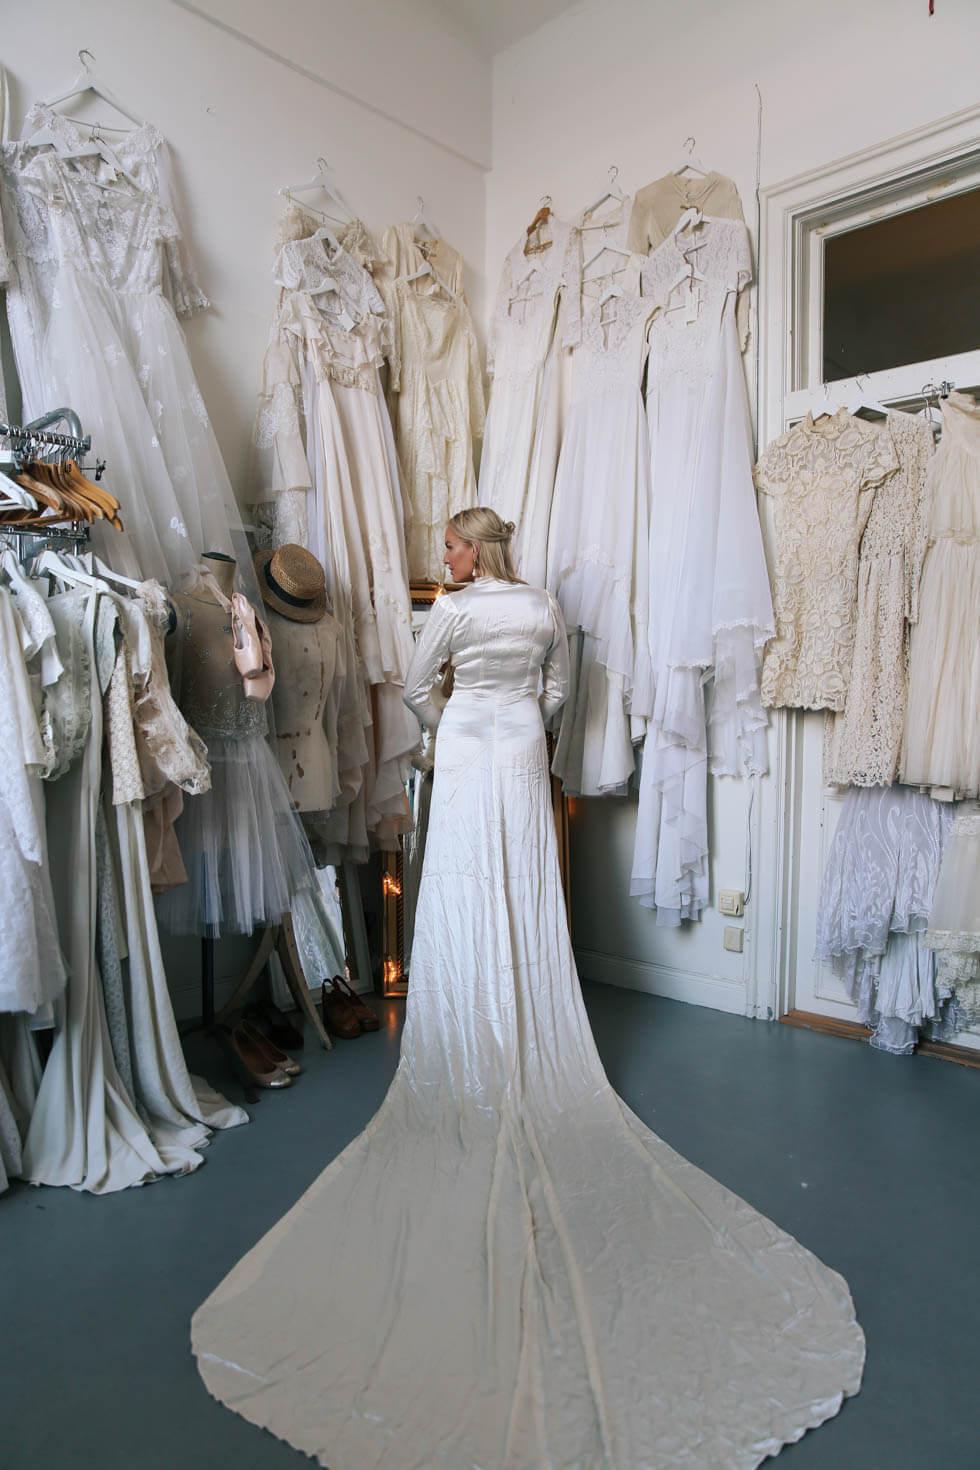 1d257b2edb5 Vintage bröllopsklänningar hos Elsa Billgren. - Petra Tungården